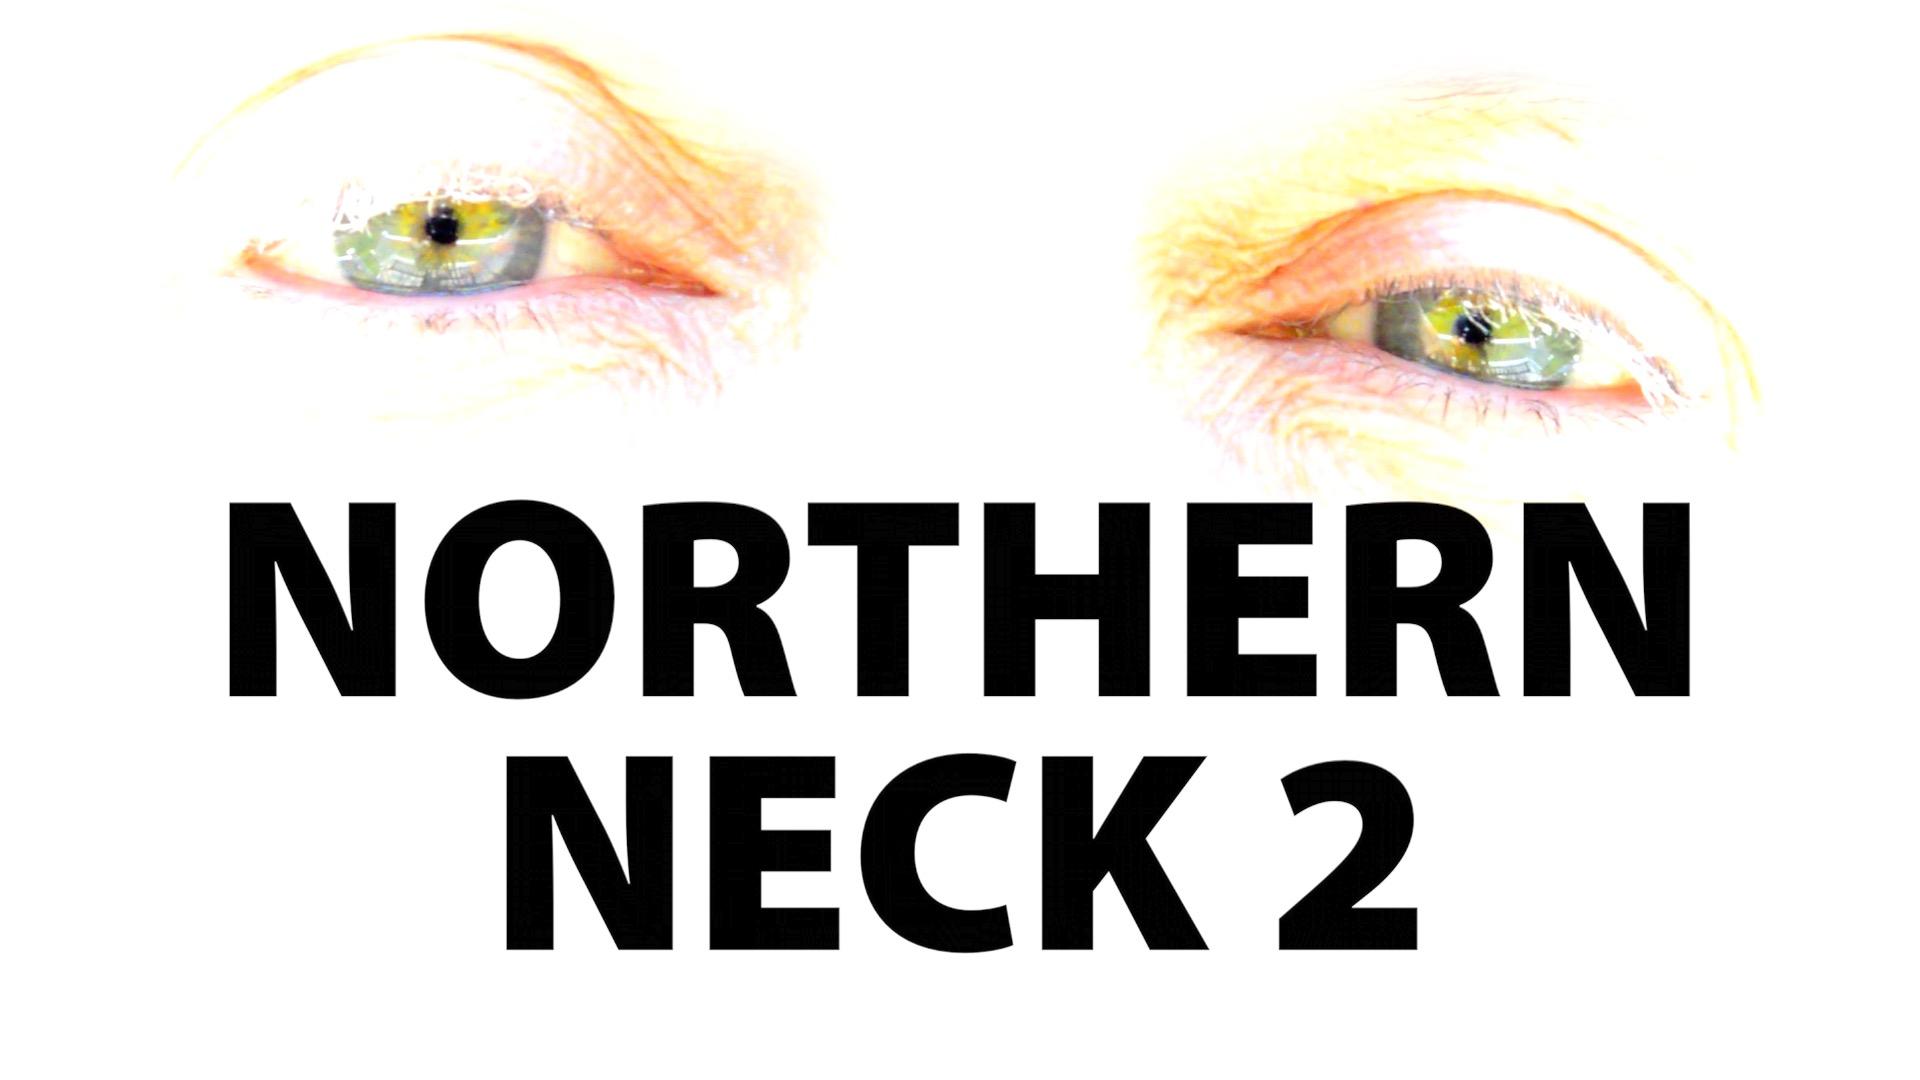 Northern Neck 2